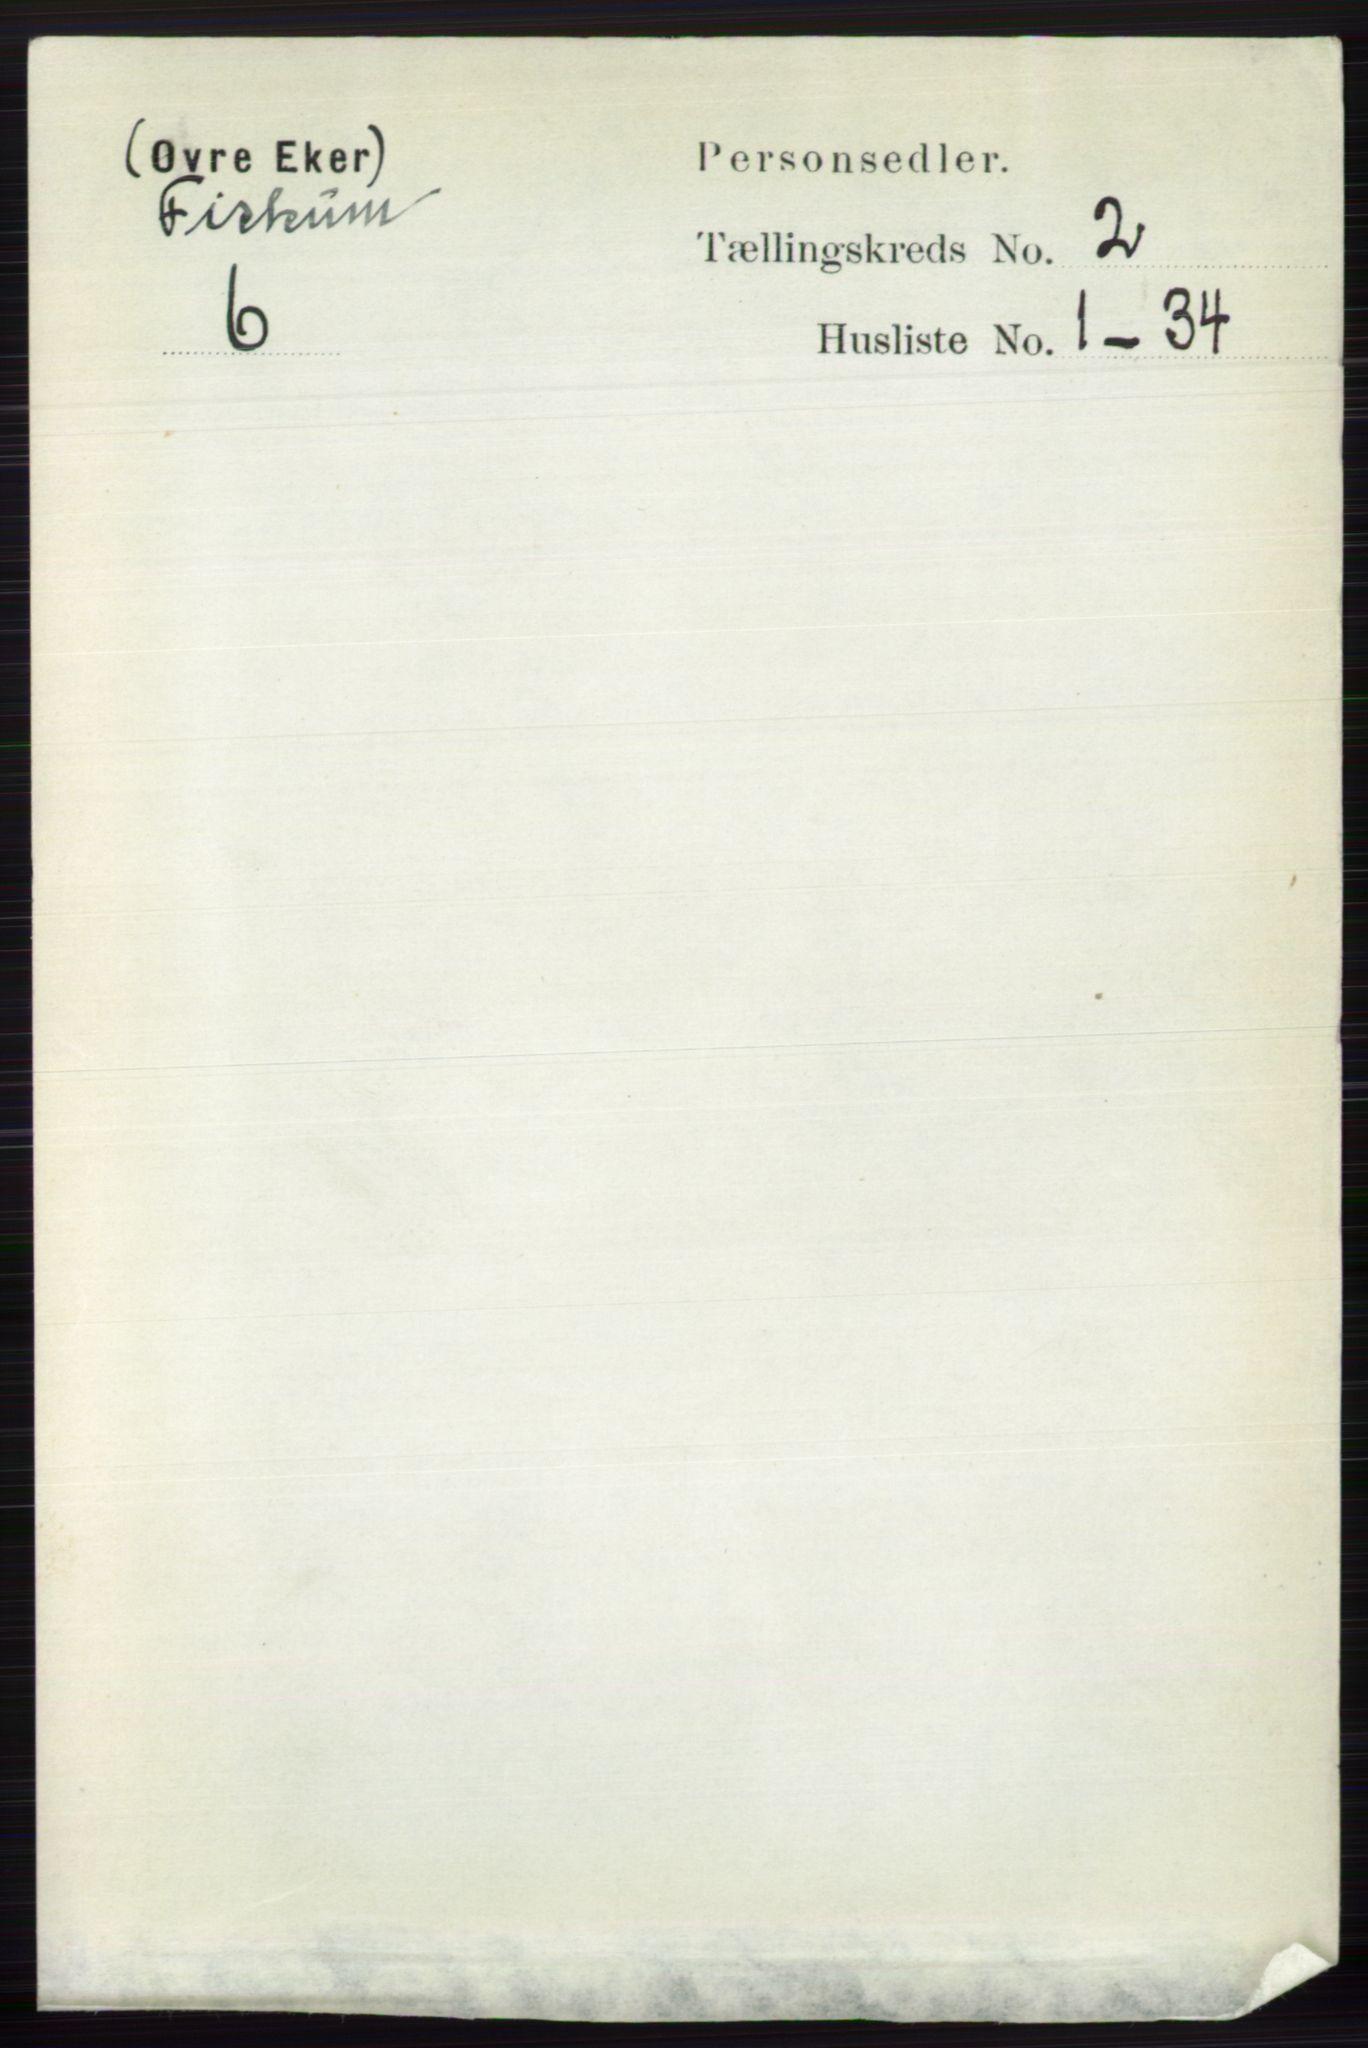 RA, Folketelling 1891 for 0624 Øvre Eiker herred, 1891, s. 8474